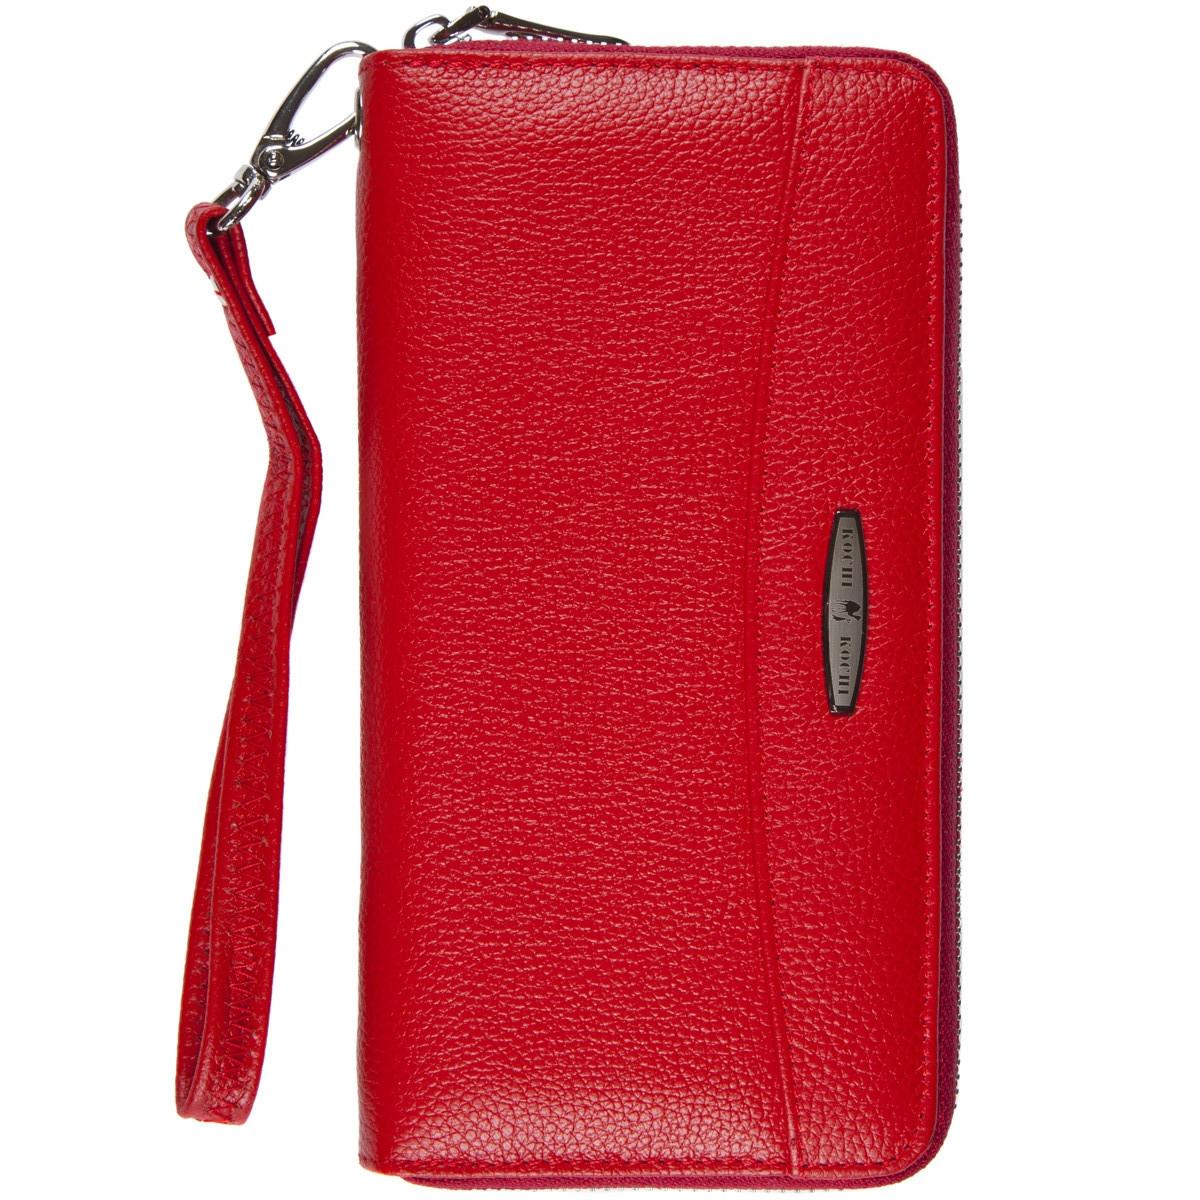 Кожаный женский кошелёк-клатч KOCHI  с ремешком на руку 195х100х22 красный  м К9026-3Н09кр